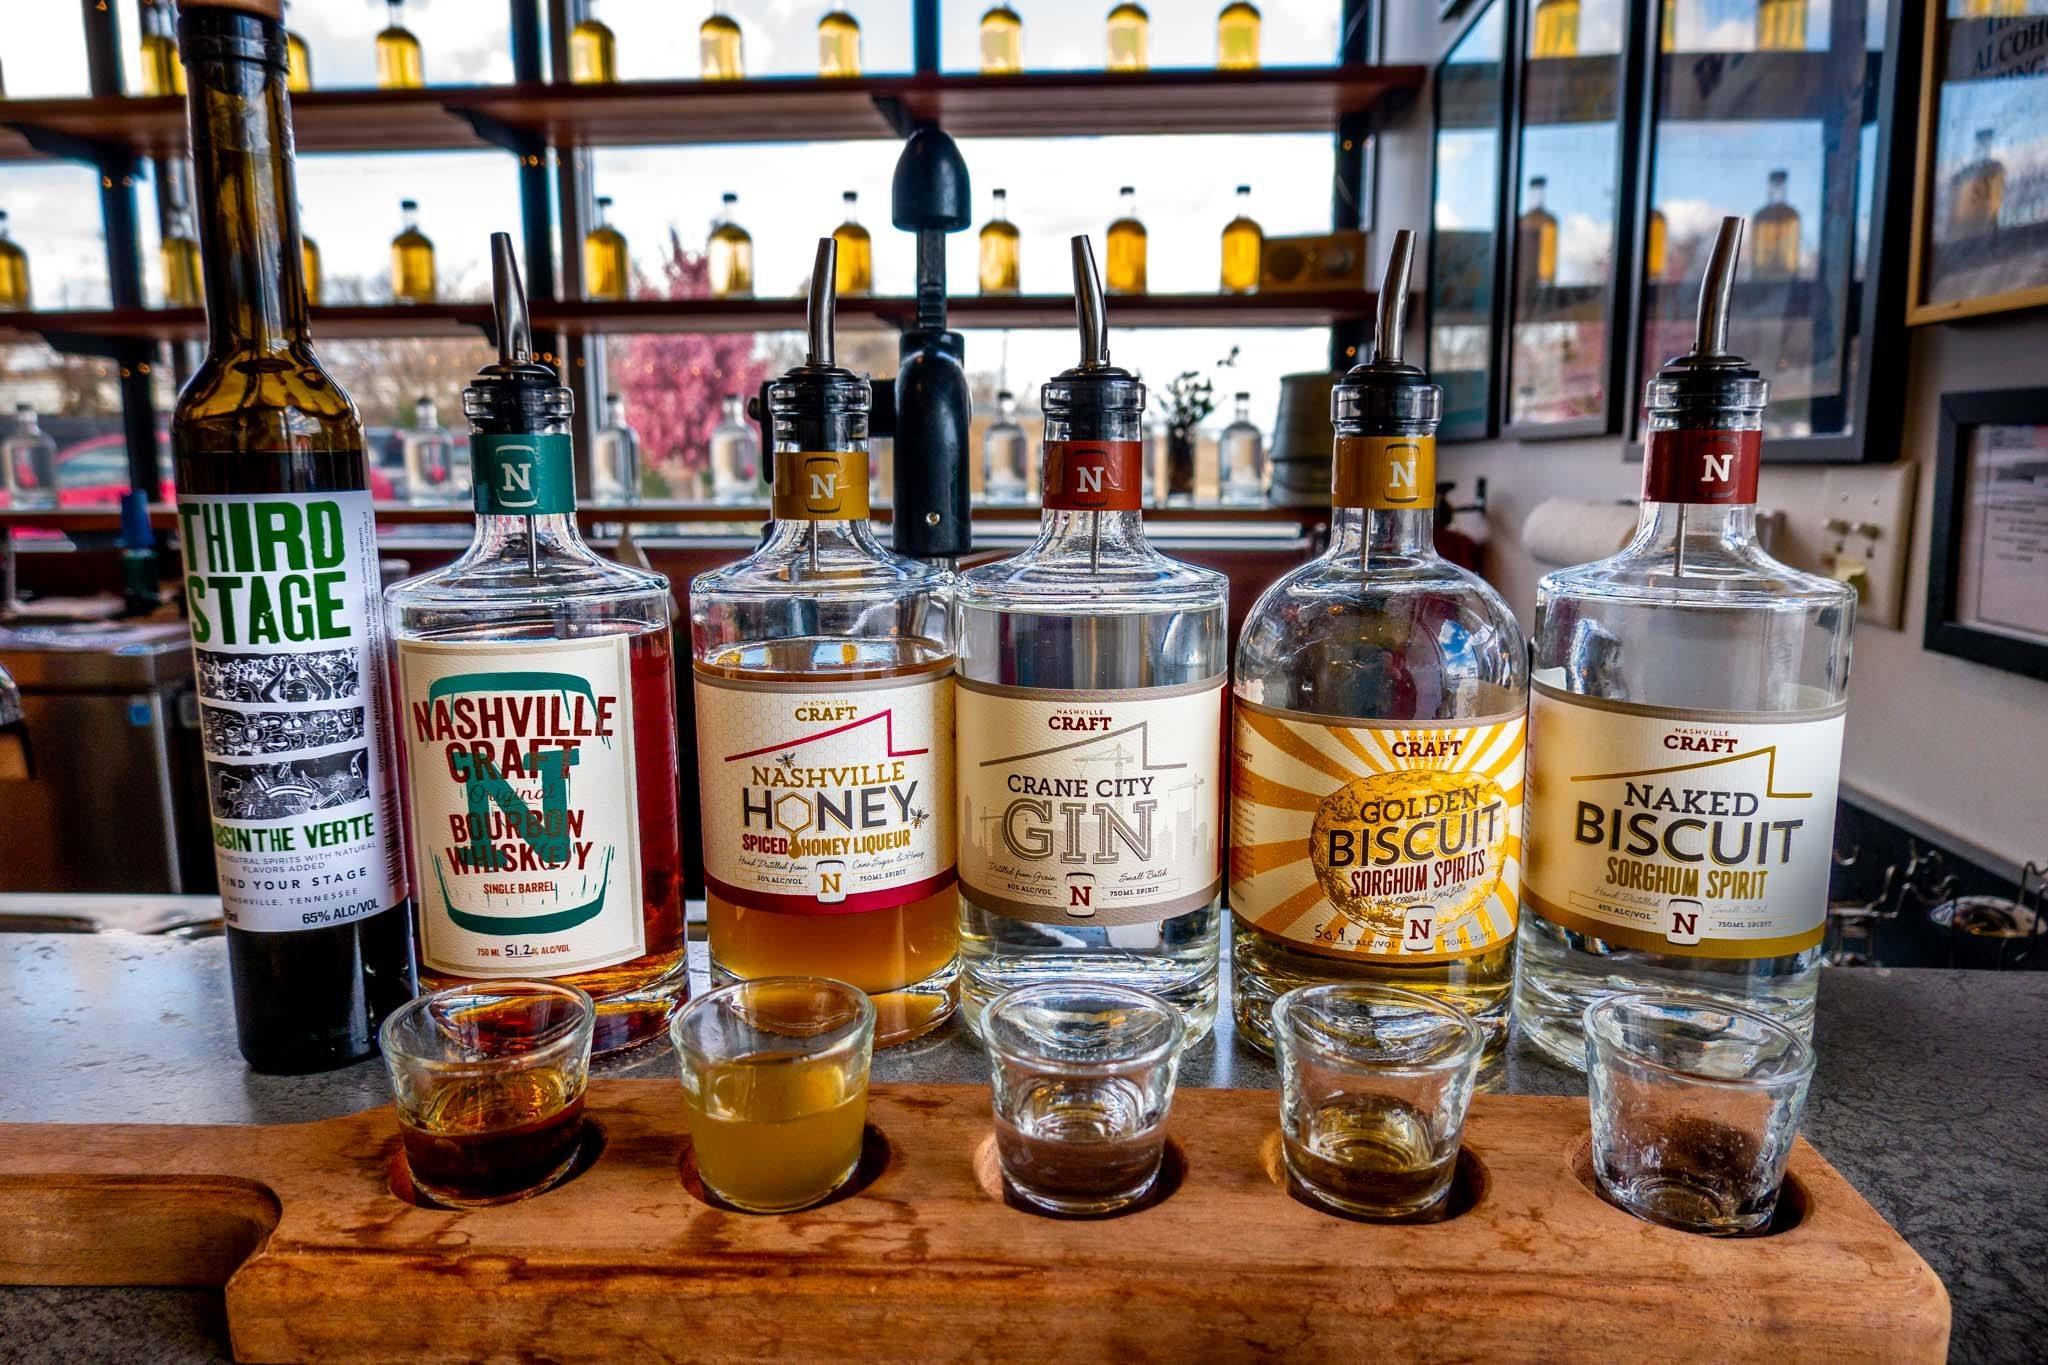 Bottles of spirits and shot glasses on the bar at Nashville Craft Distillery